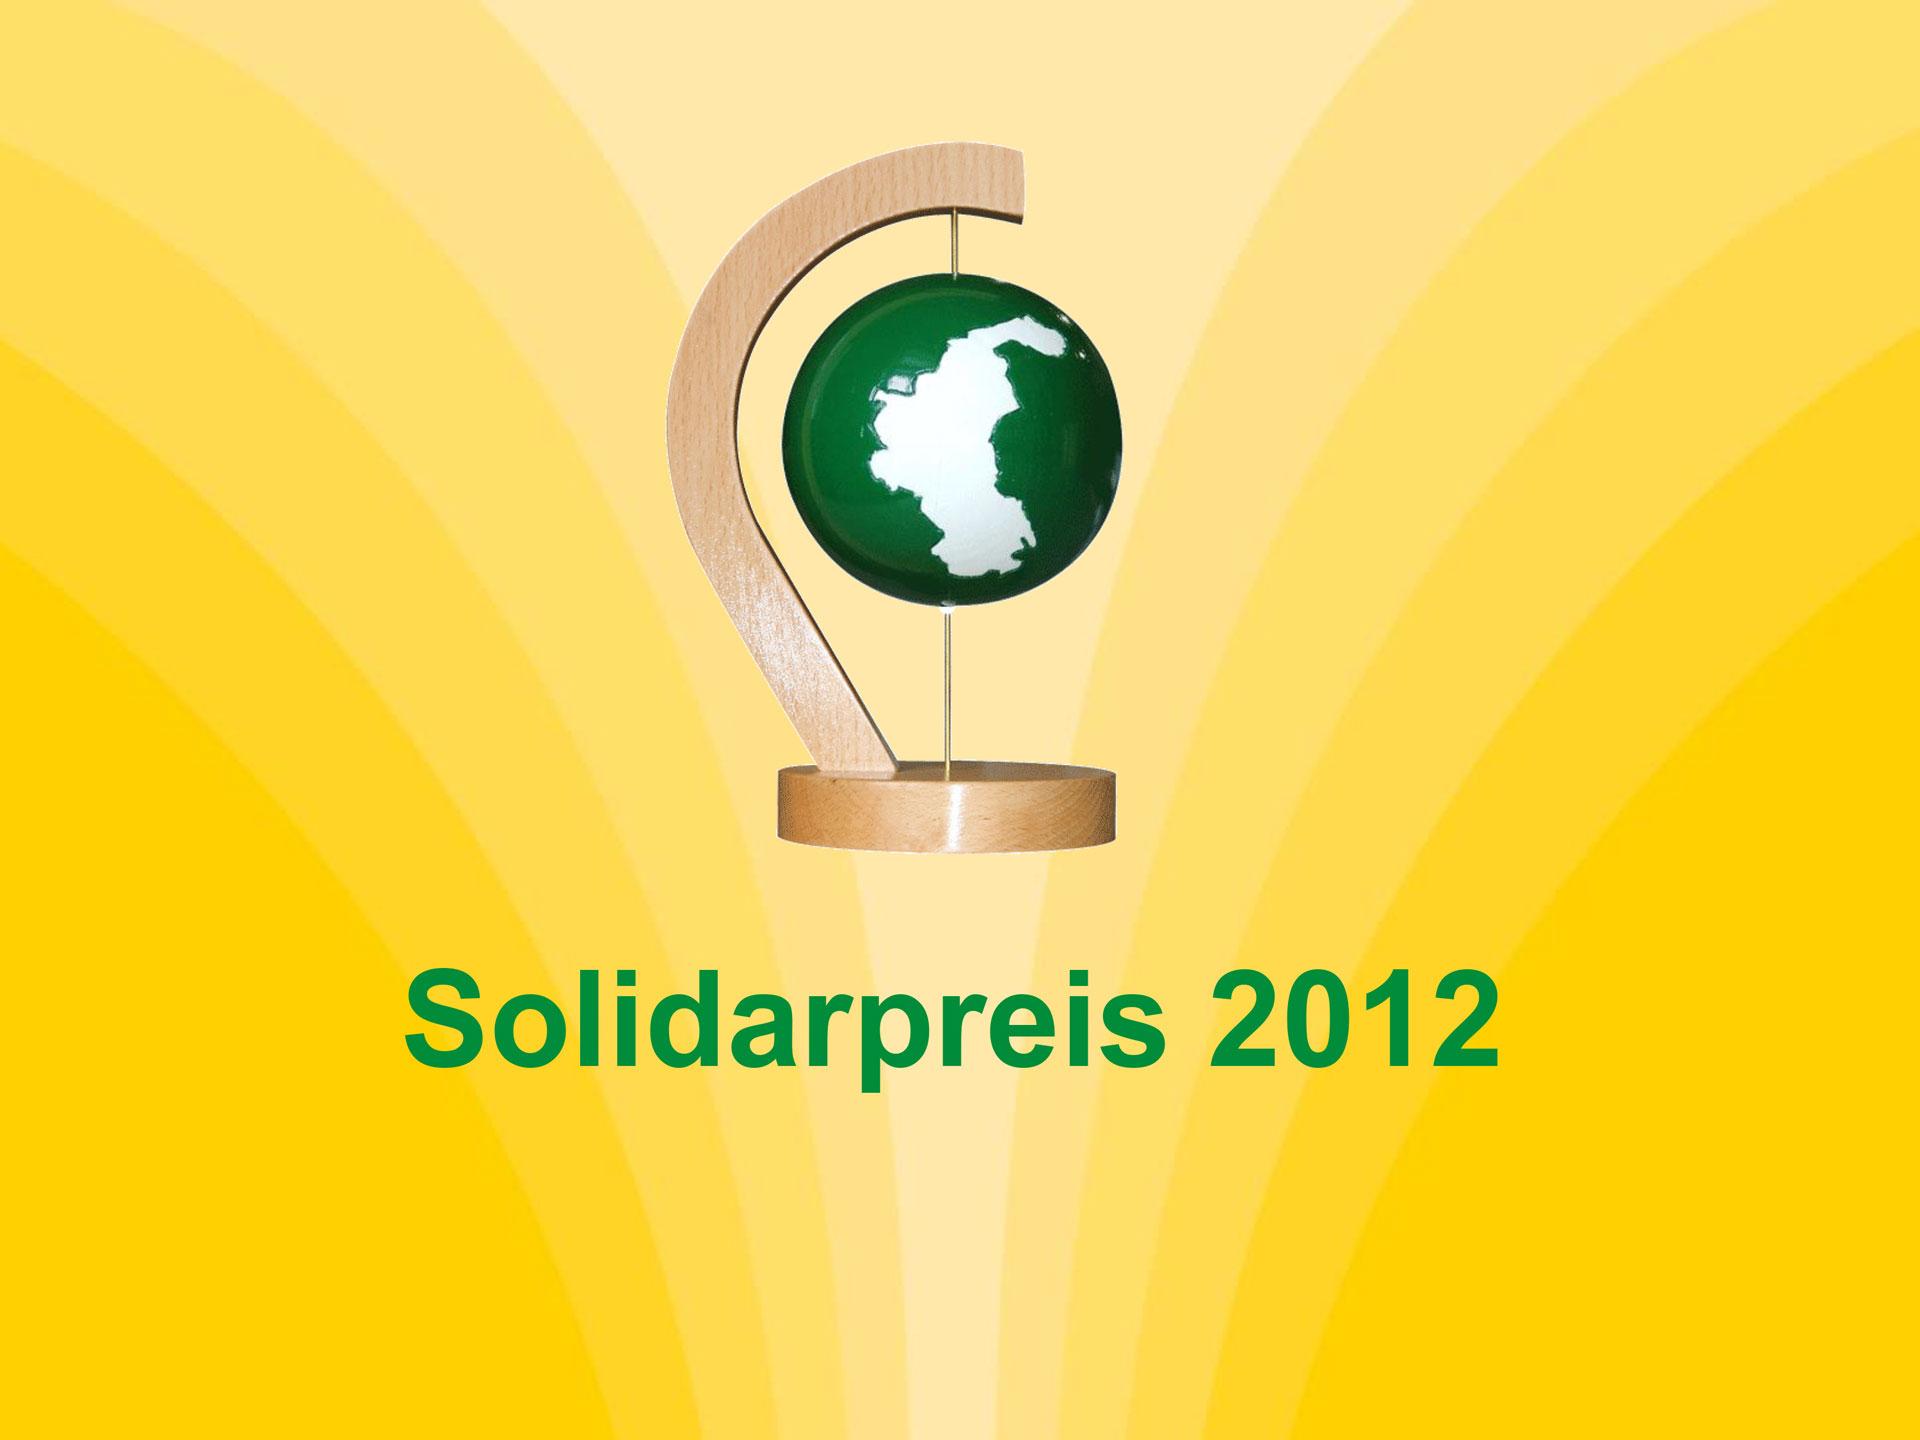 Solidarpreis_2012-1